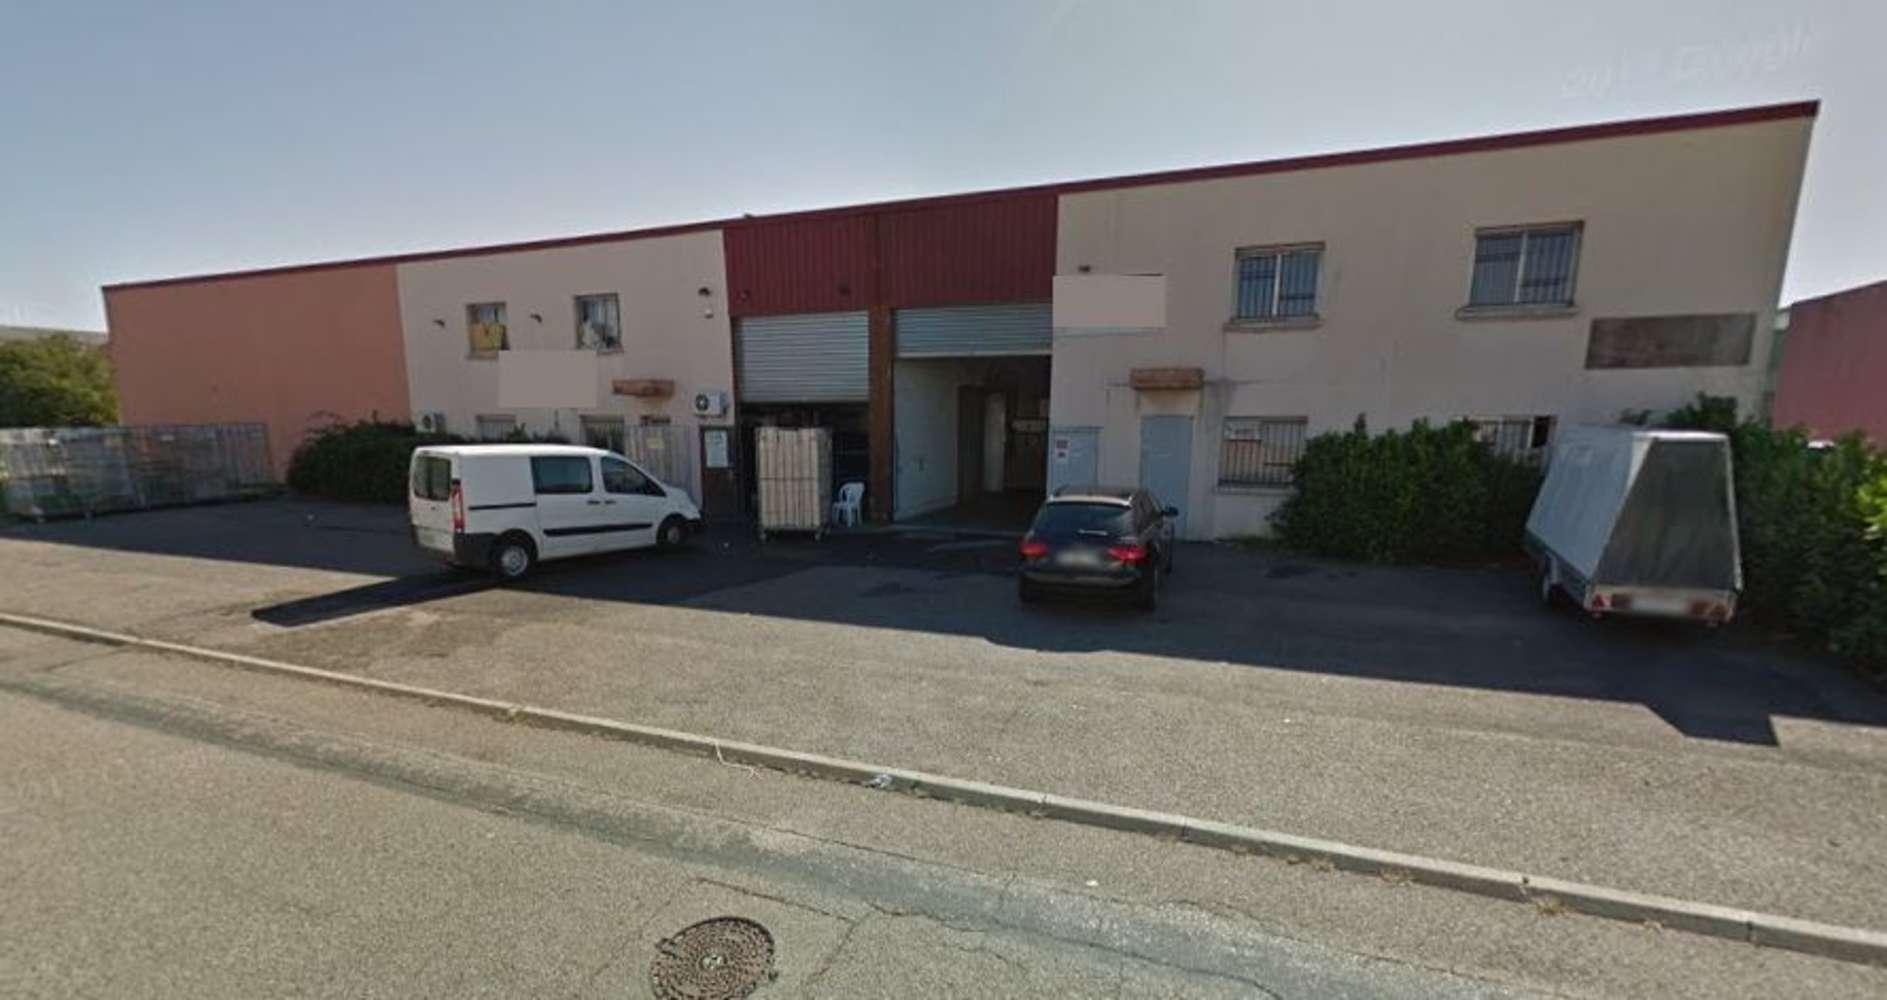 Activités/entrepôt Chassieu, 69680 - Entrepôt à louer - Chassieu - 9536889